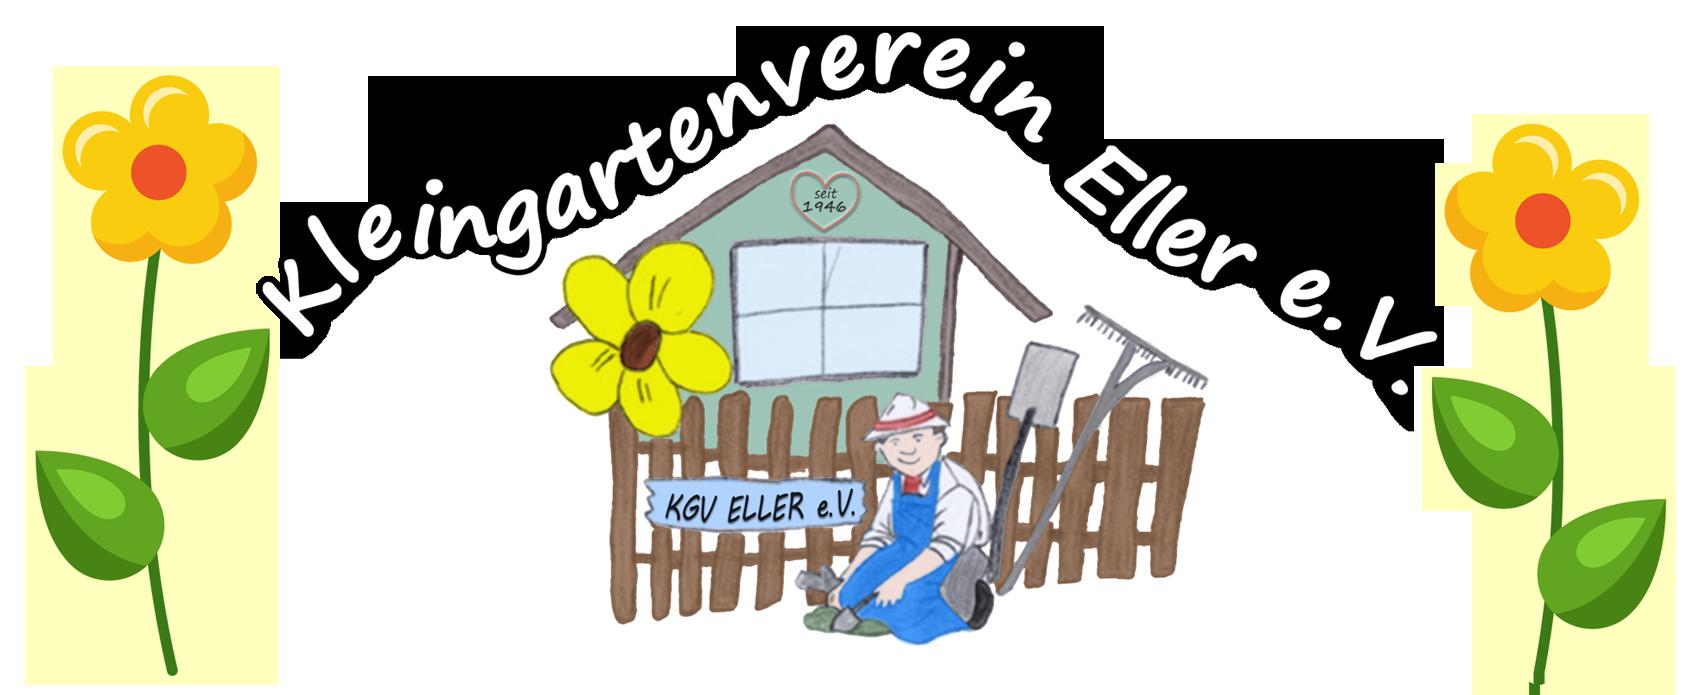 Kleingartenverein Eller e. V.